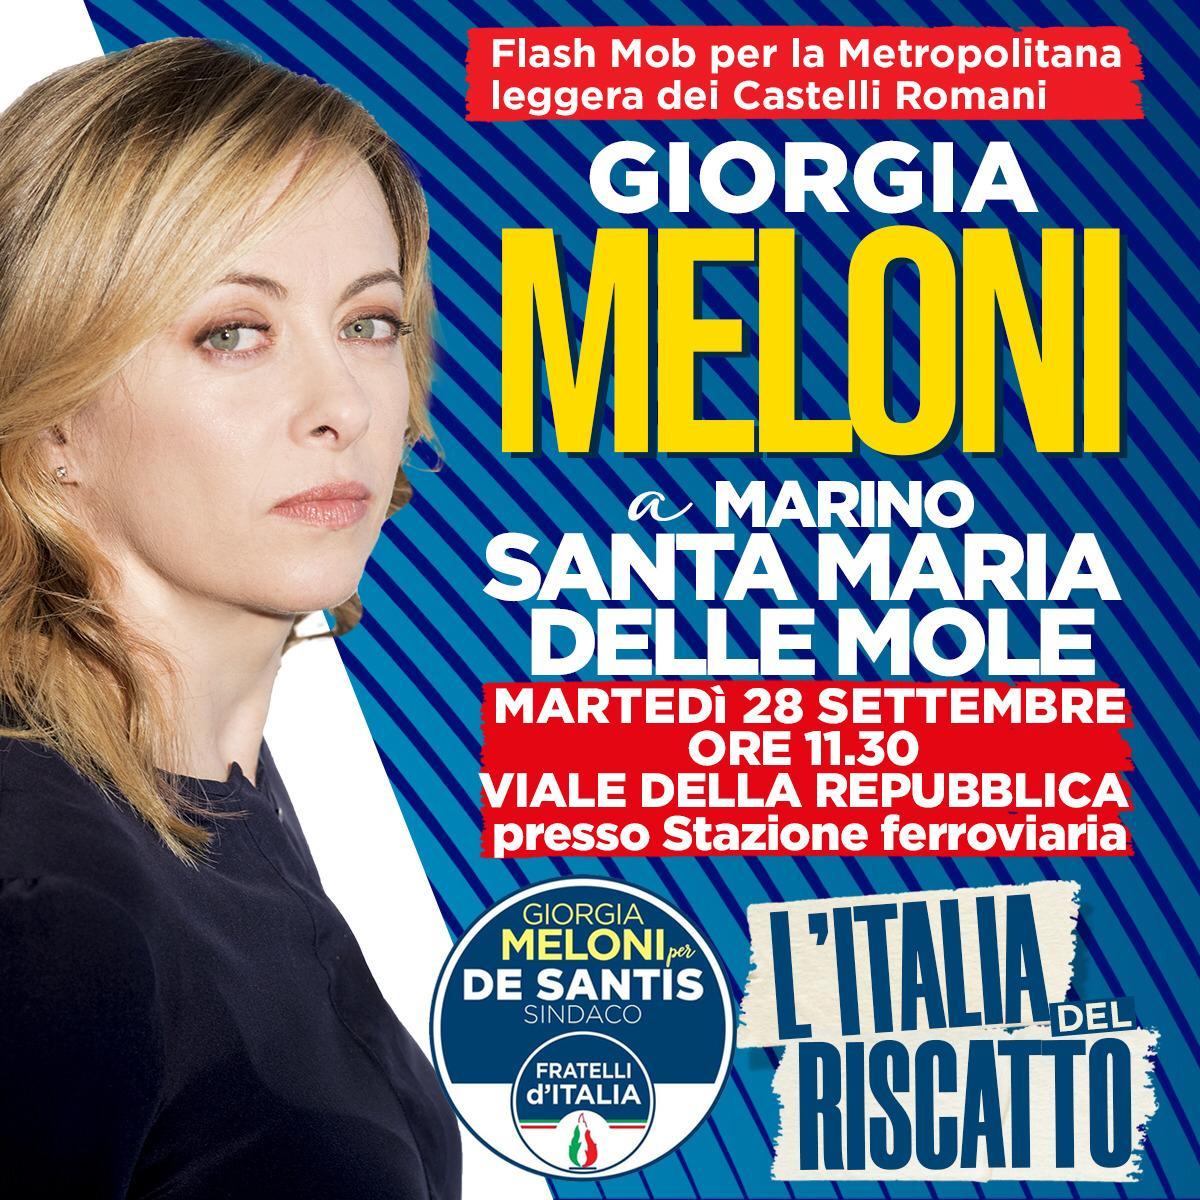 """Marino, Silvestroni(FdI): """"Con Meloni e De Santis per flashmob su metropolitana leggera dei Castelli Romani"""""""